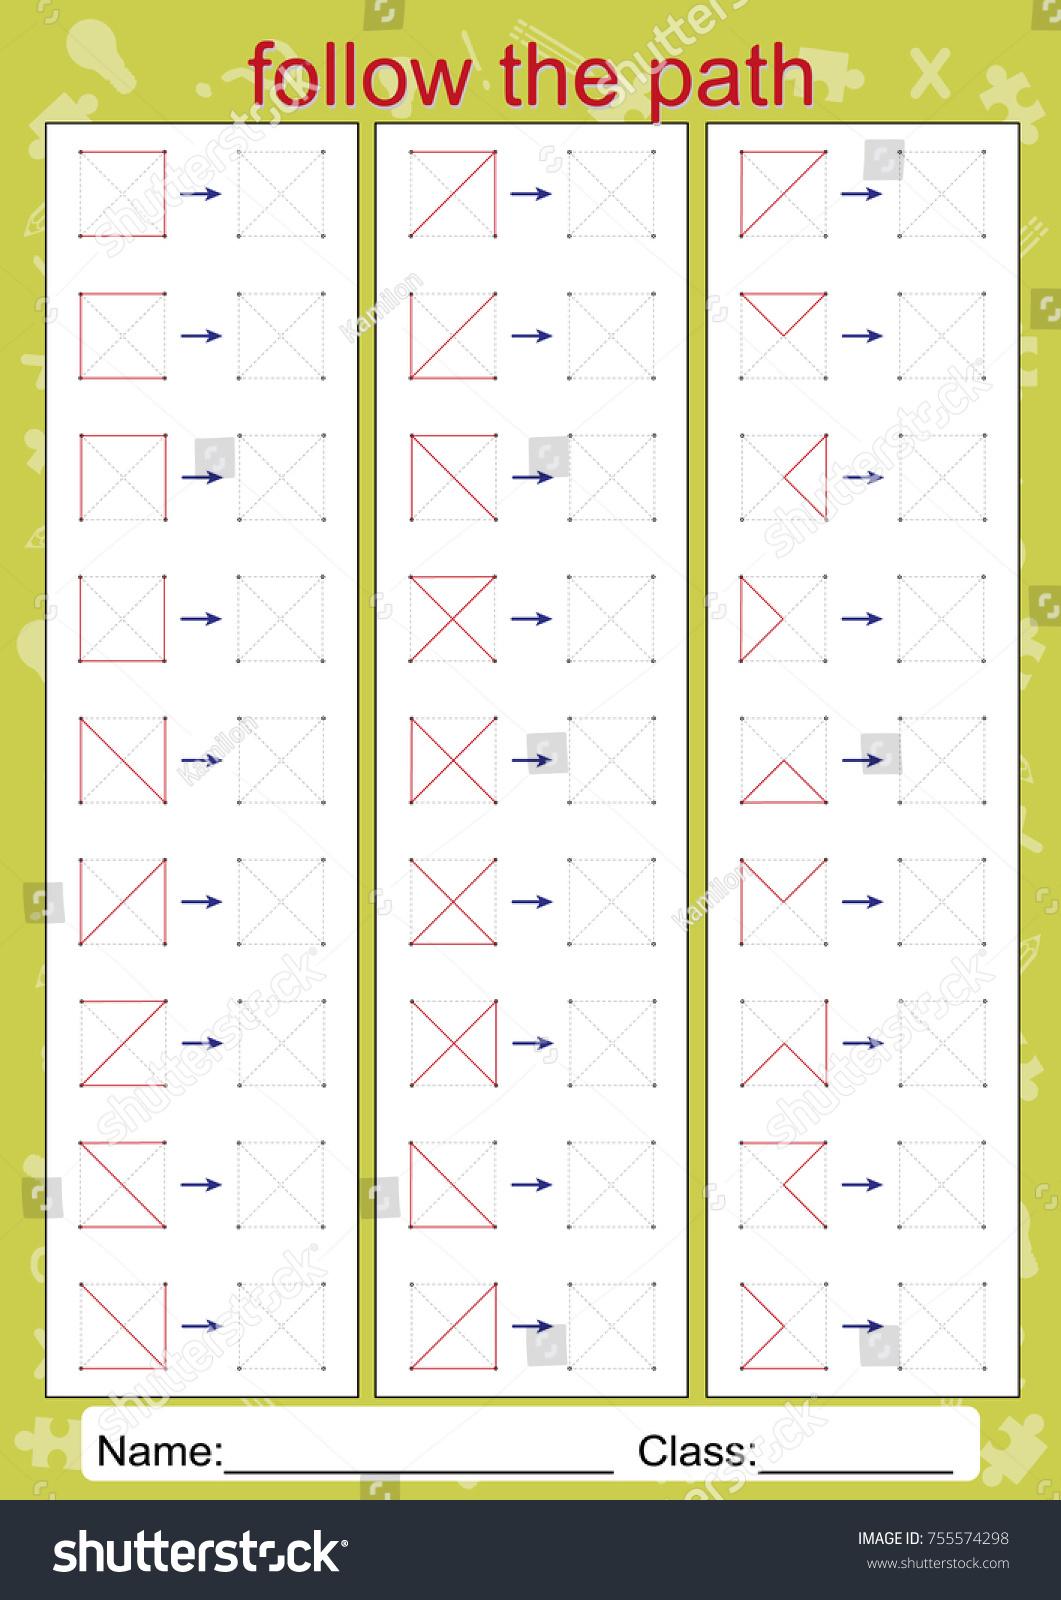 Worksheet Visual Perception Worksheets Worksheet Fun